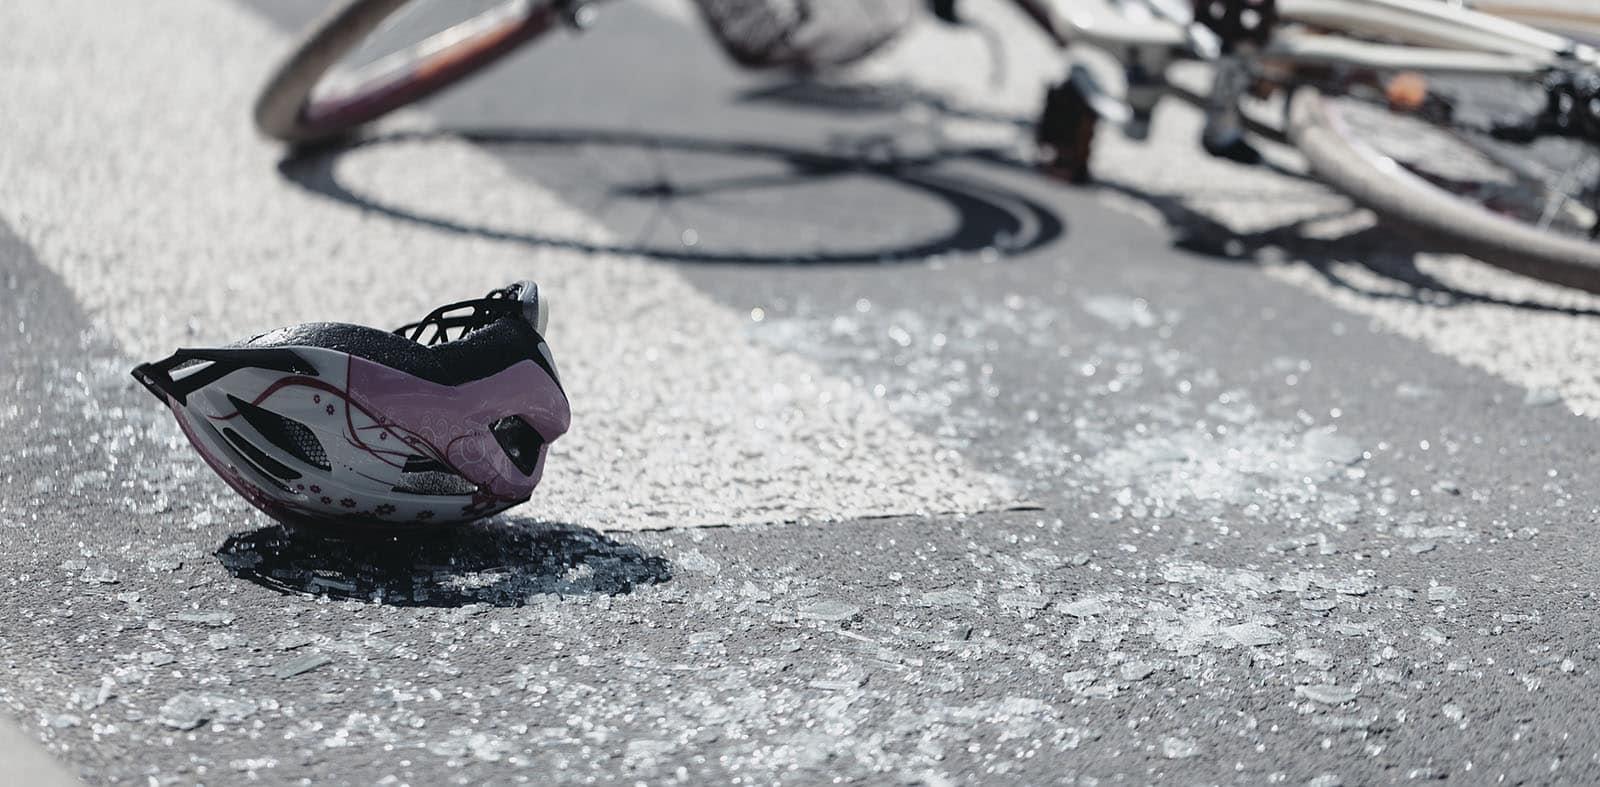 Accident de vélo : blessures graves et mortalité en hausse